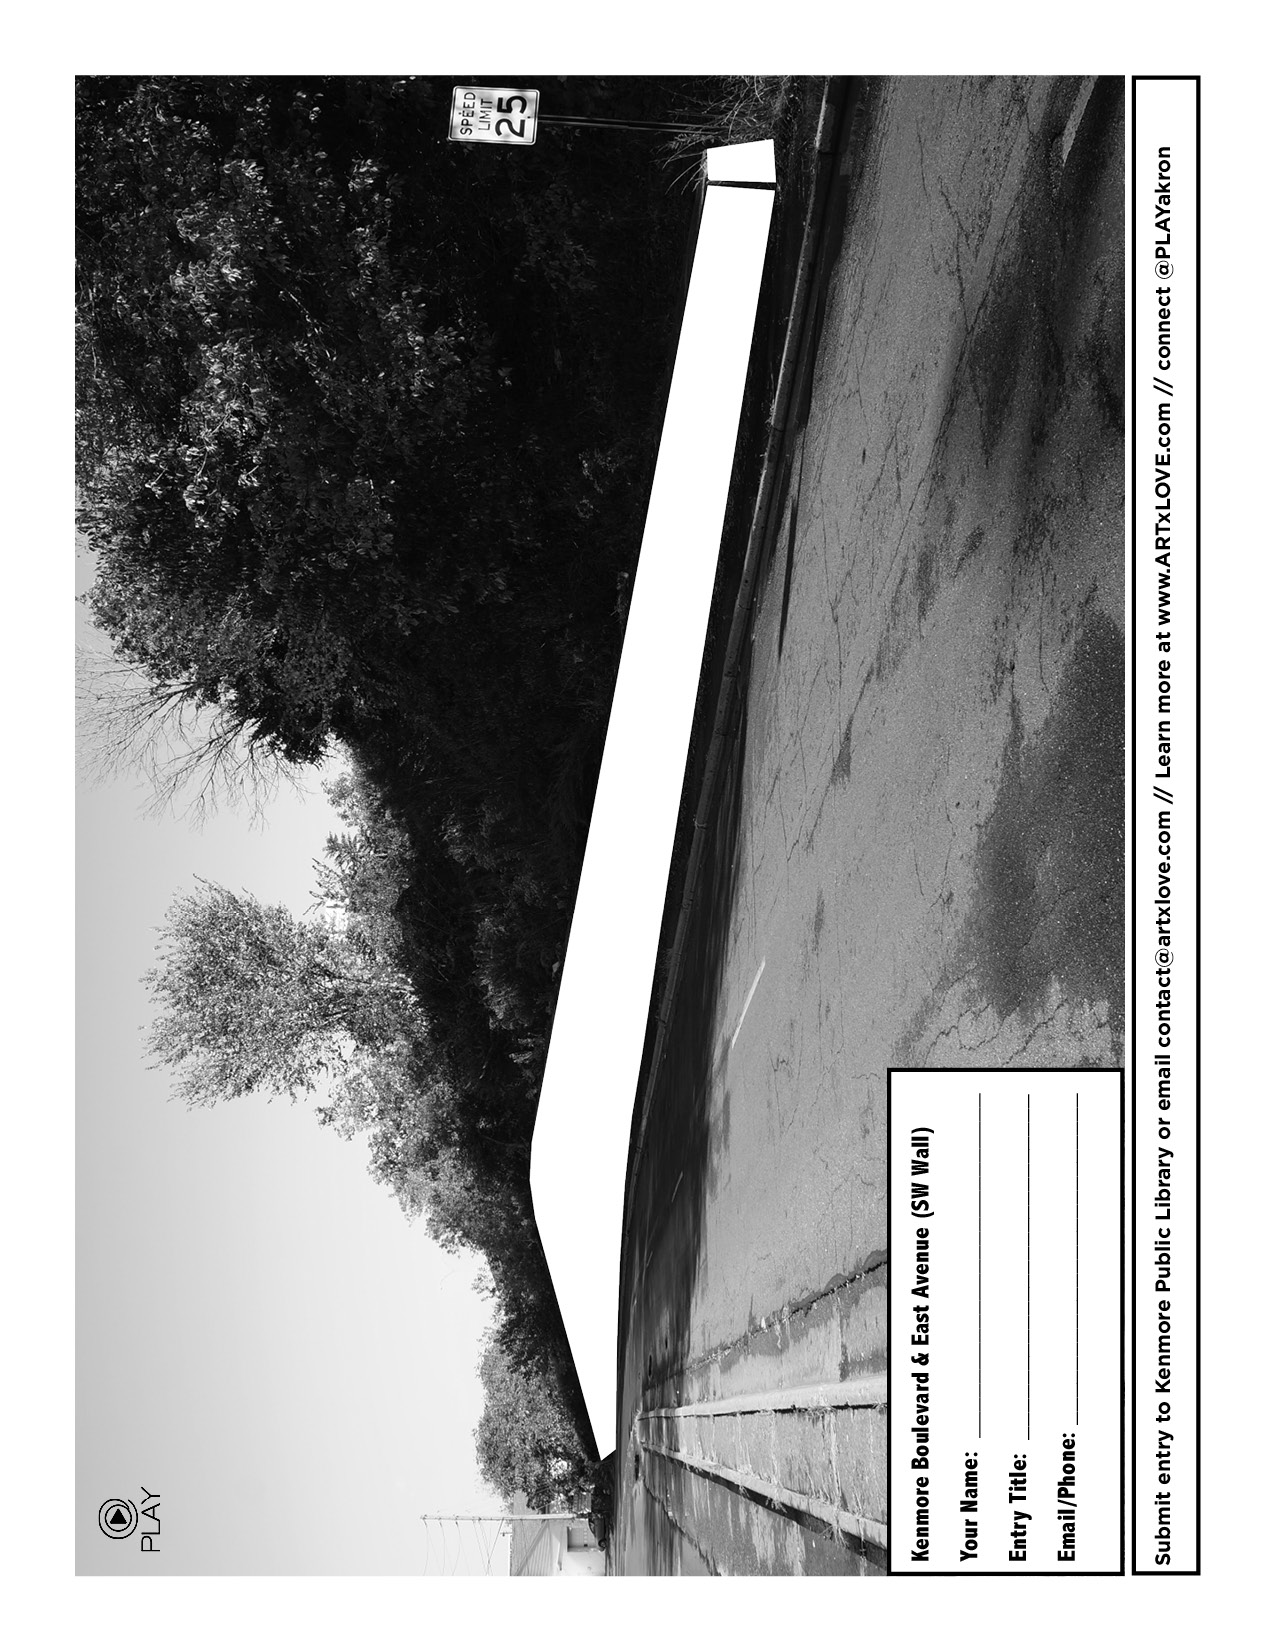 ARTxLOVE_Kenmore-Imagineer_coloring-book_final16.jpg